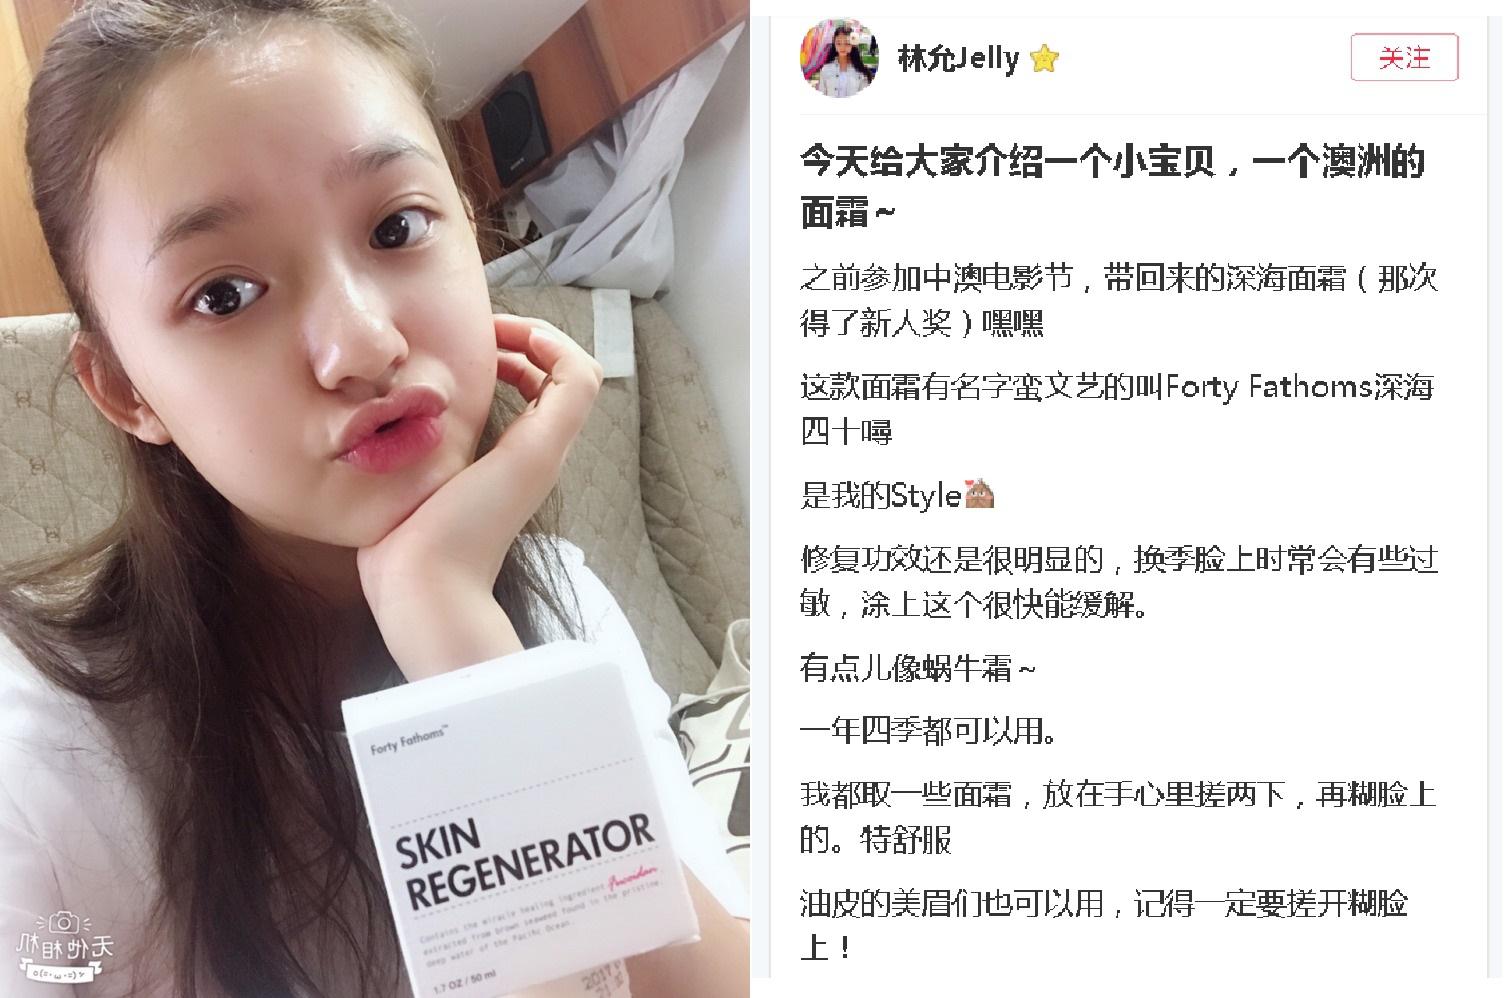 Mỹ nhân ngư Lâm Duẫn bất ngờ làm beauty blogger, liên tục review đồ làm đẹp vô cùng có tâm - Ảnh 4.